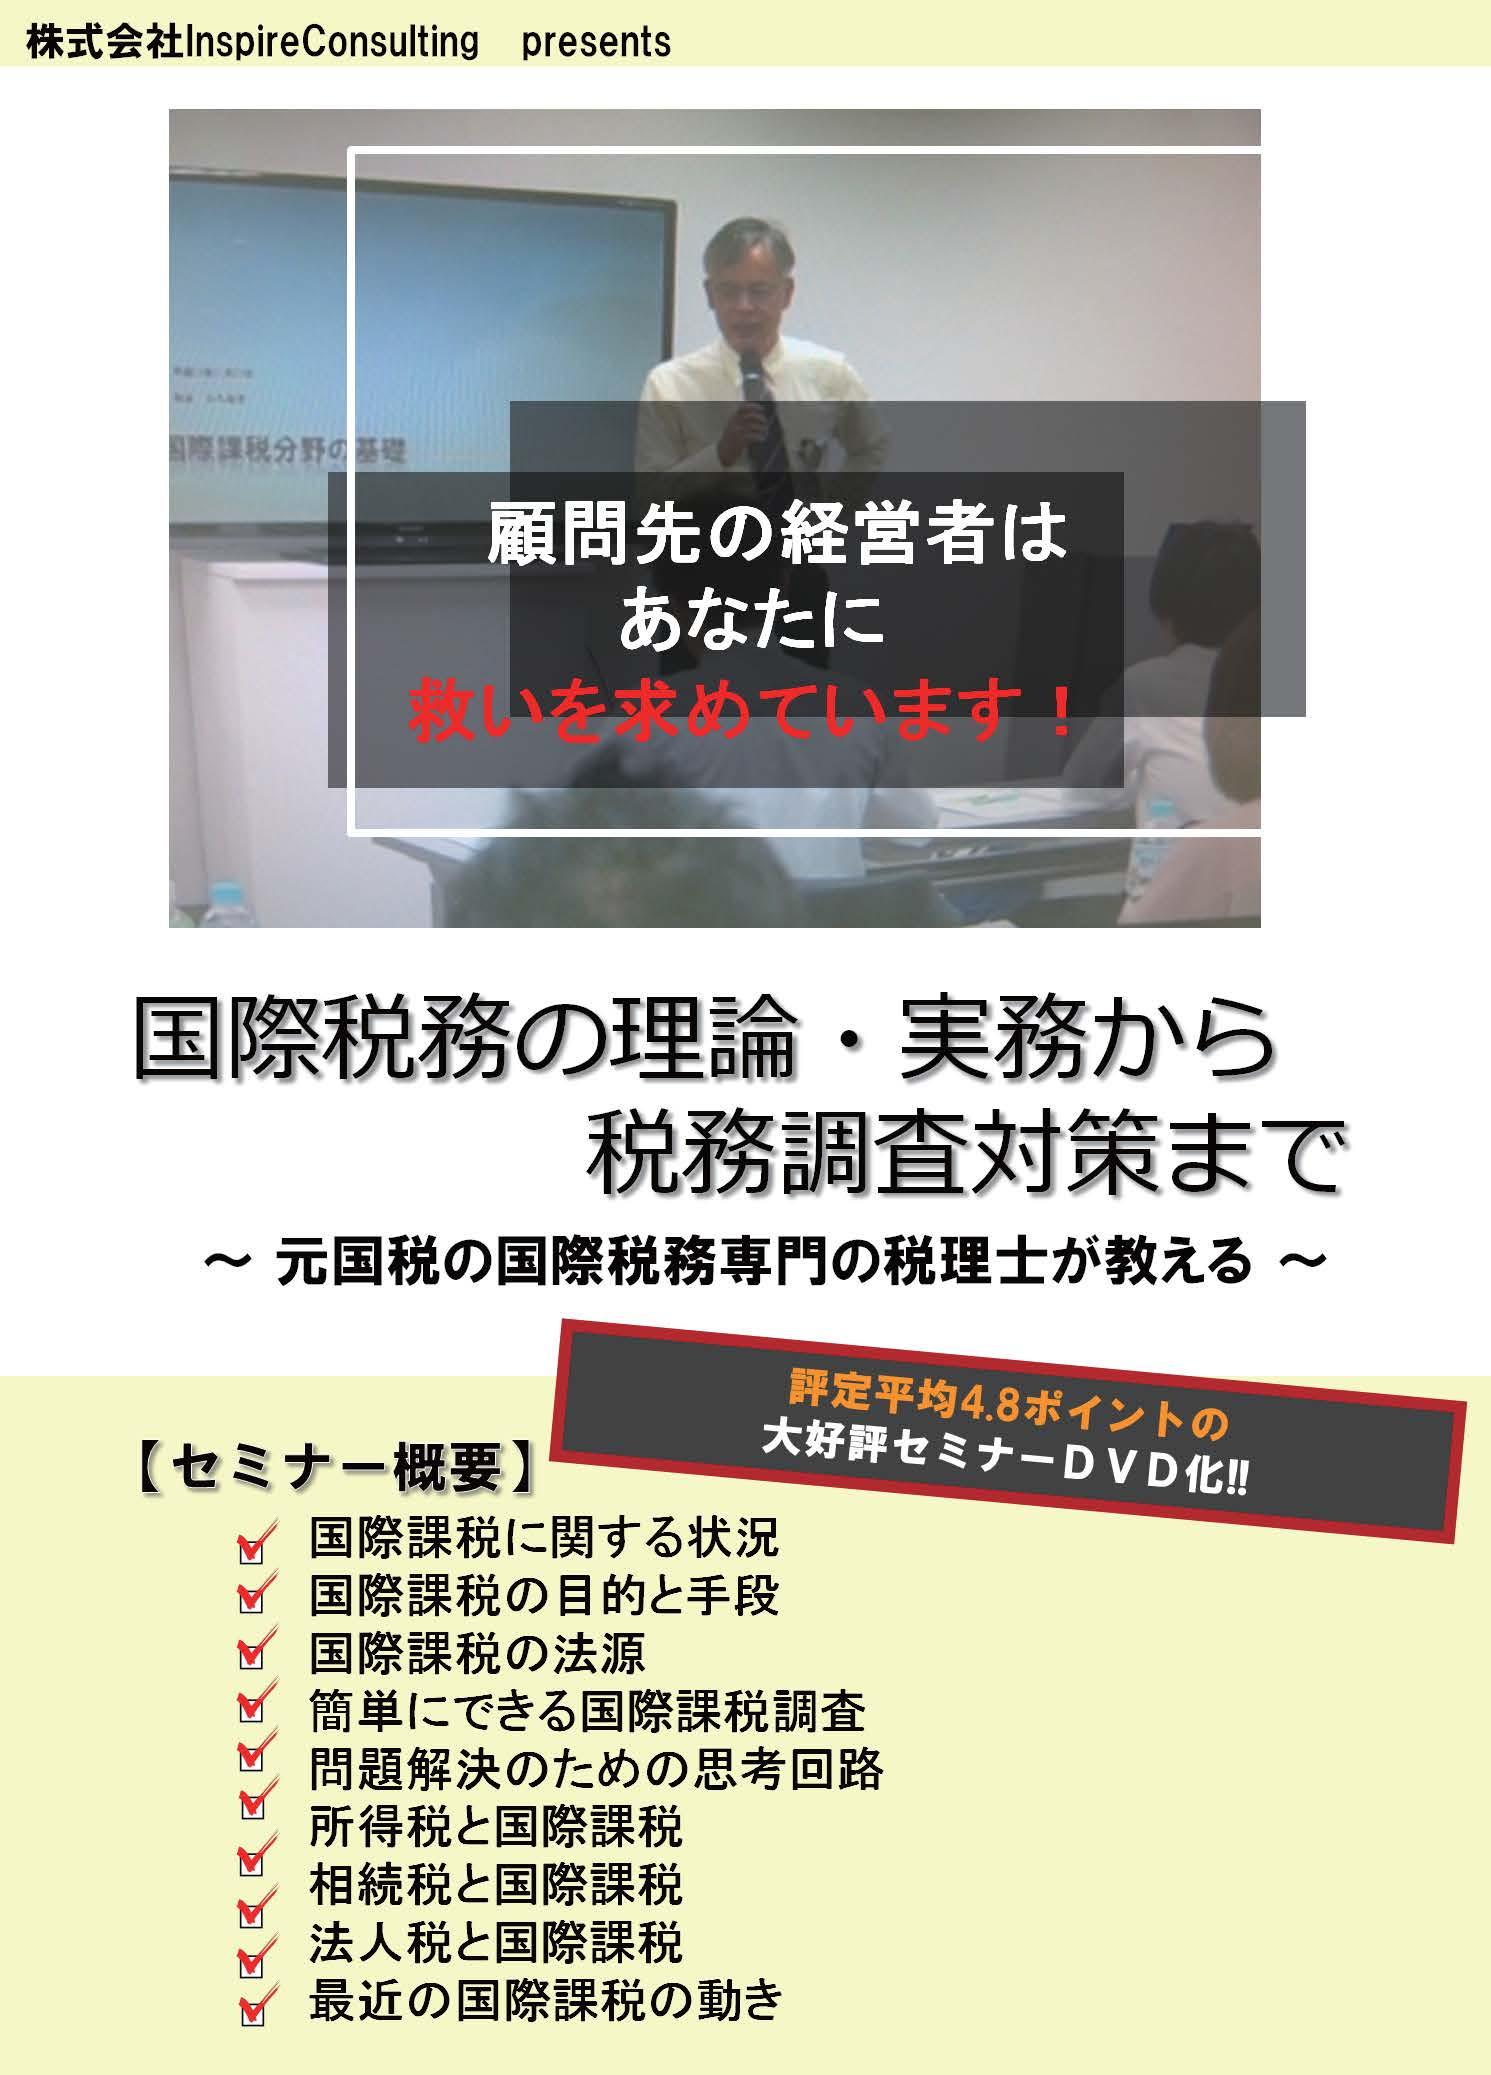 【販売終了】国際税務の理論・実務から税務調査対策まで